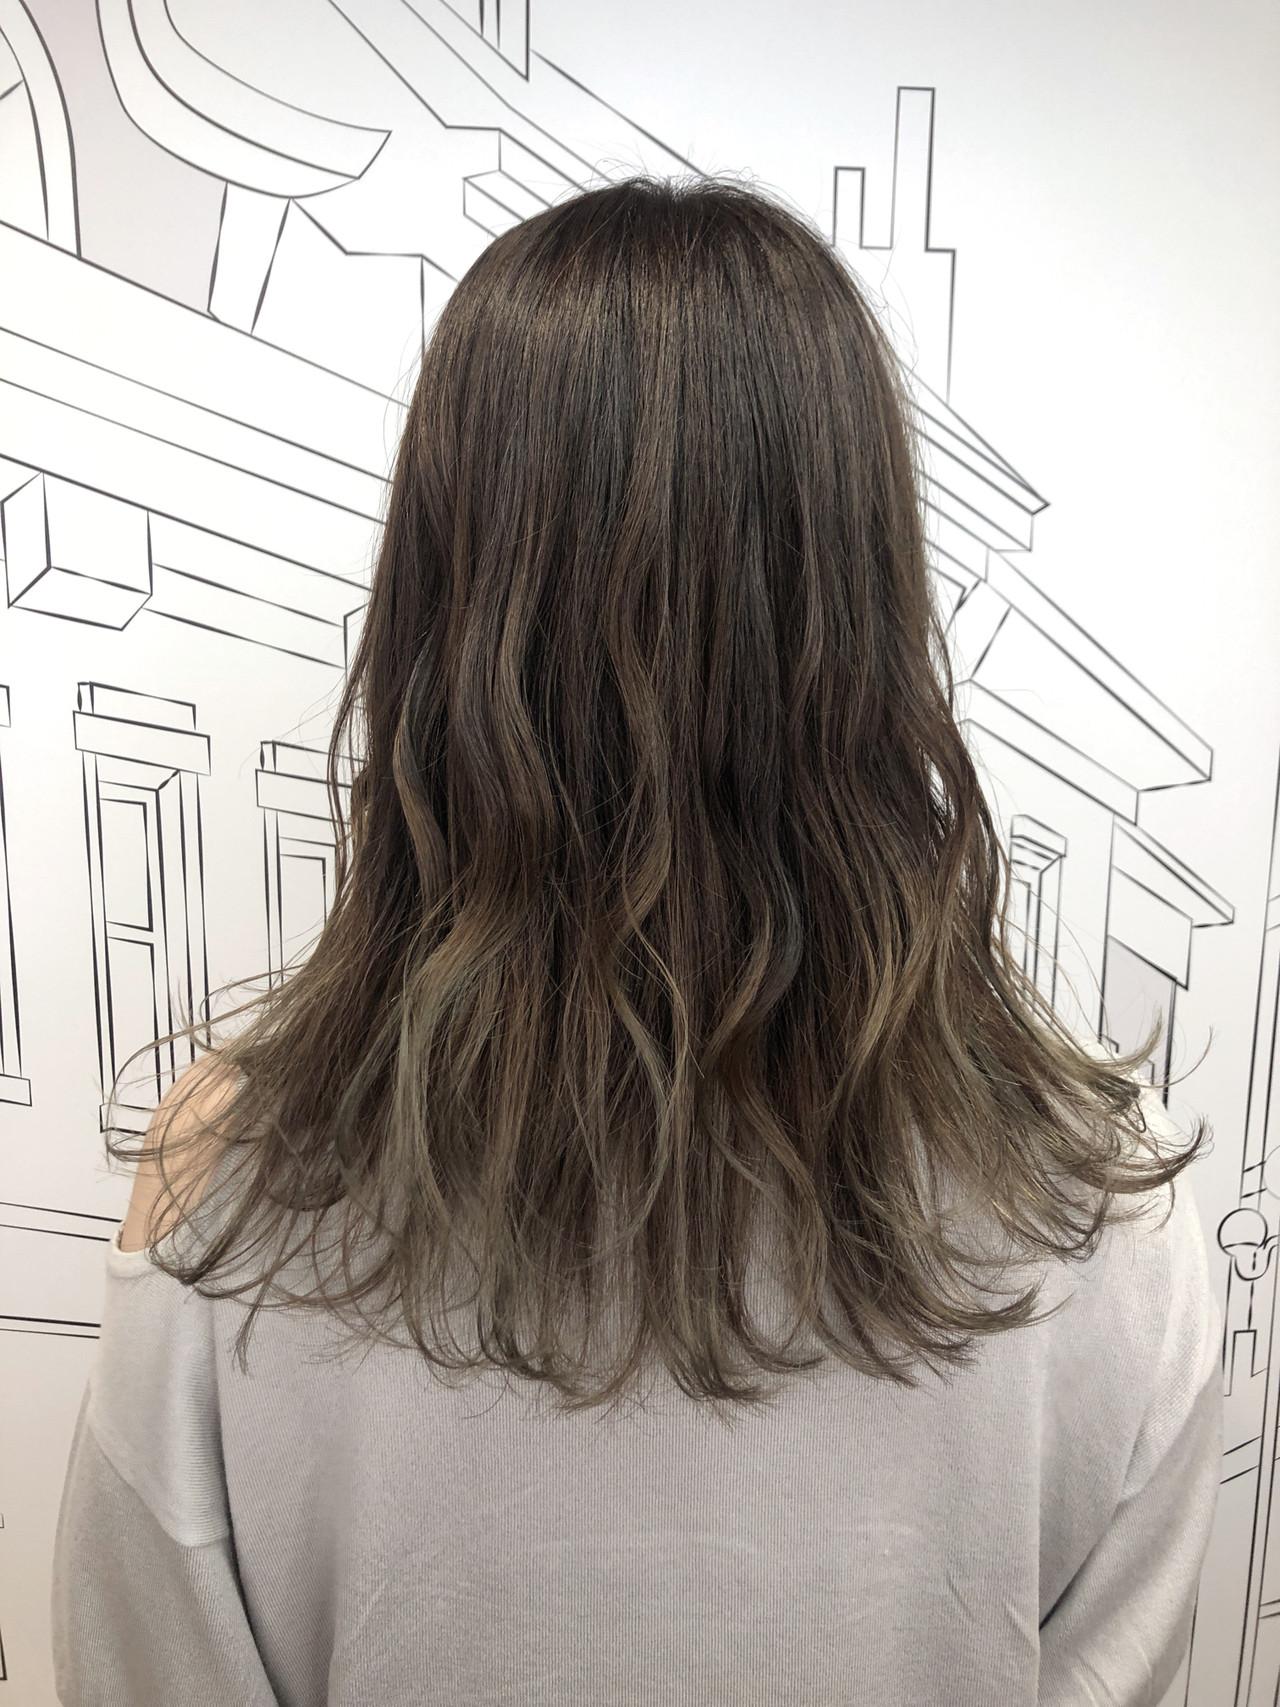 セミロング ナチュラル ハイライト 外国人風カラー ヘアスタイルや髪型の写真・画像